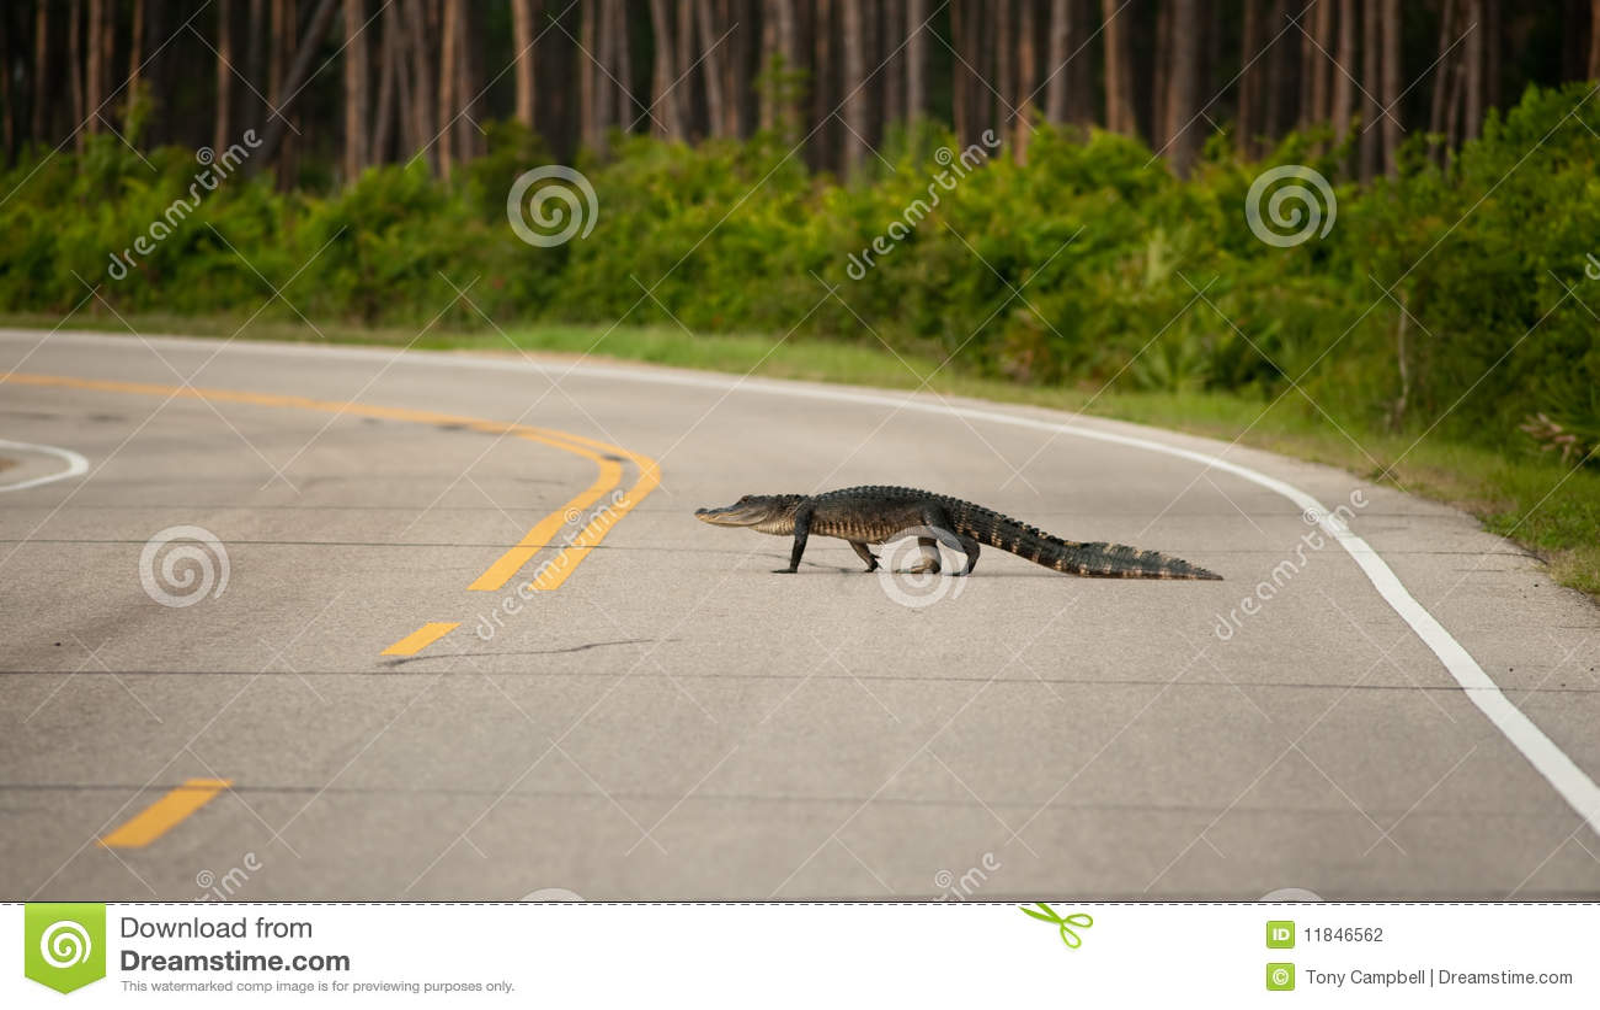 鳄鱼横穿路